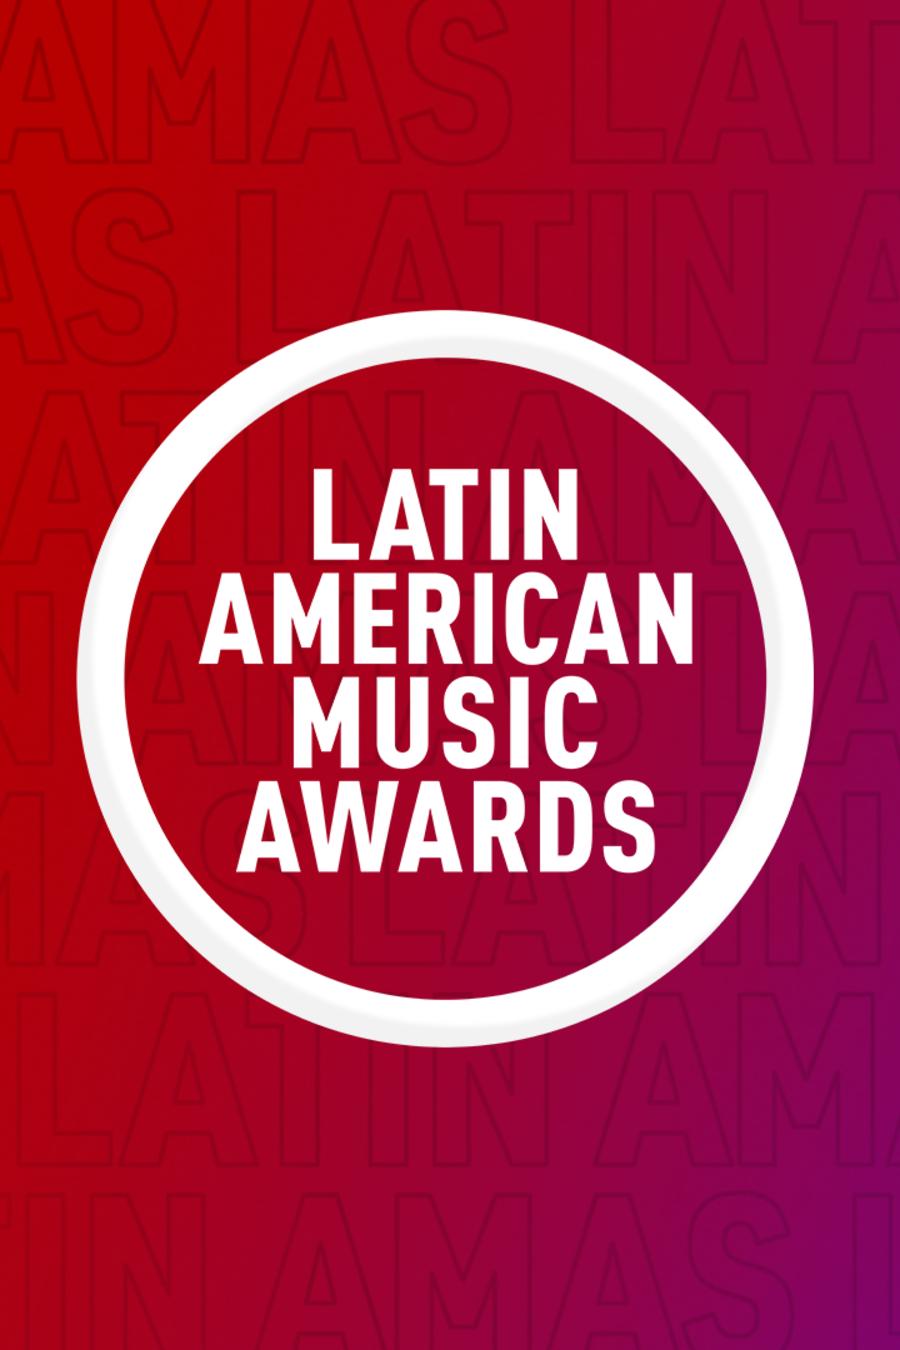 """Los nominados par los """"Latin American Music Awards"""" 2021 de Telemundo se anunciarán el 2 de marzo en """"En Casa con Telemundo"""""""